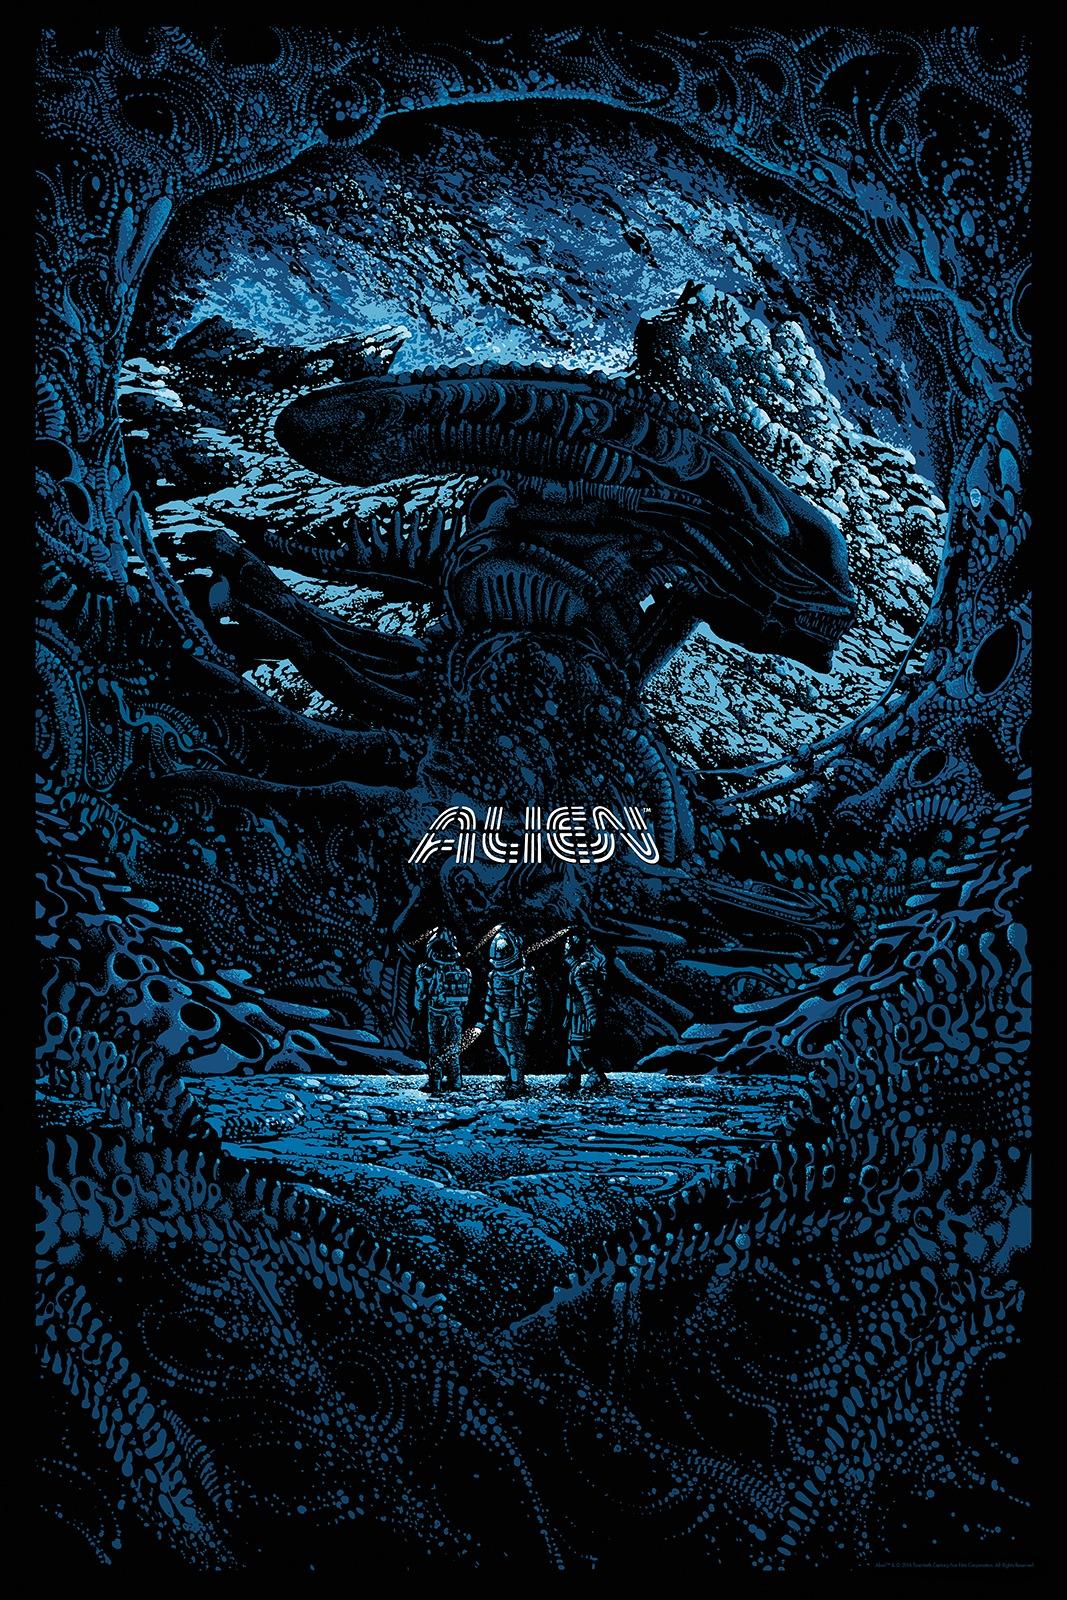 alien mondo 2